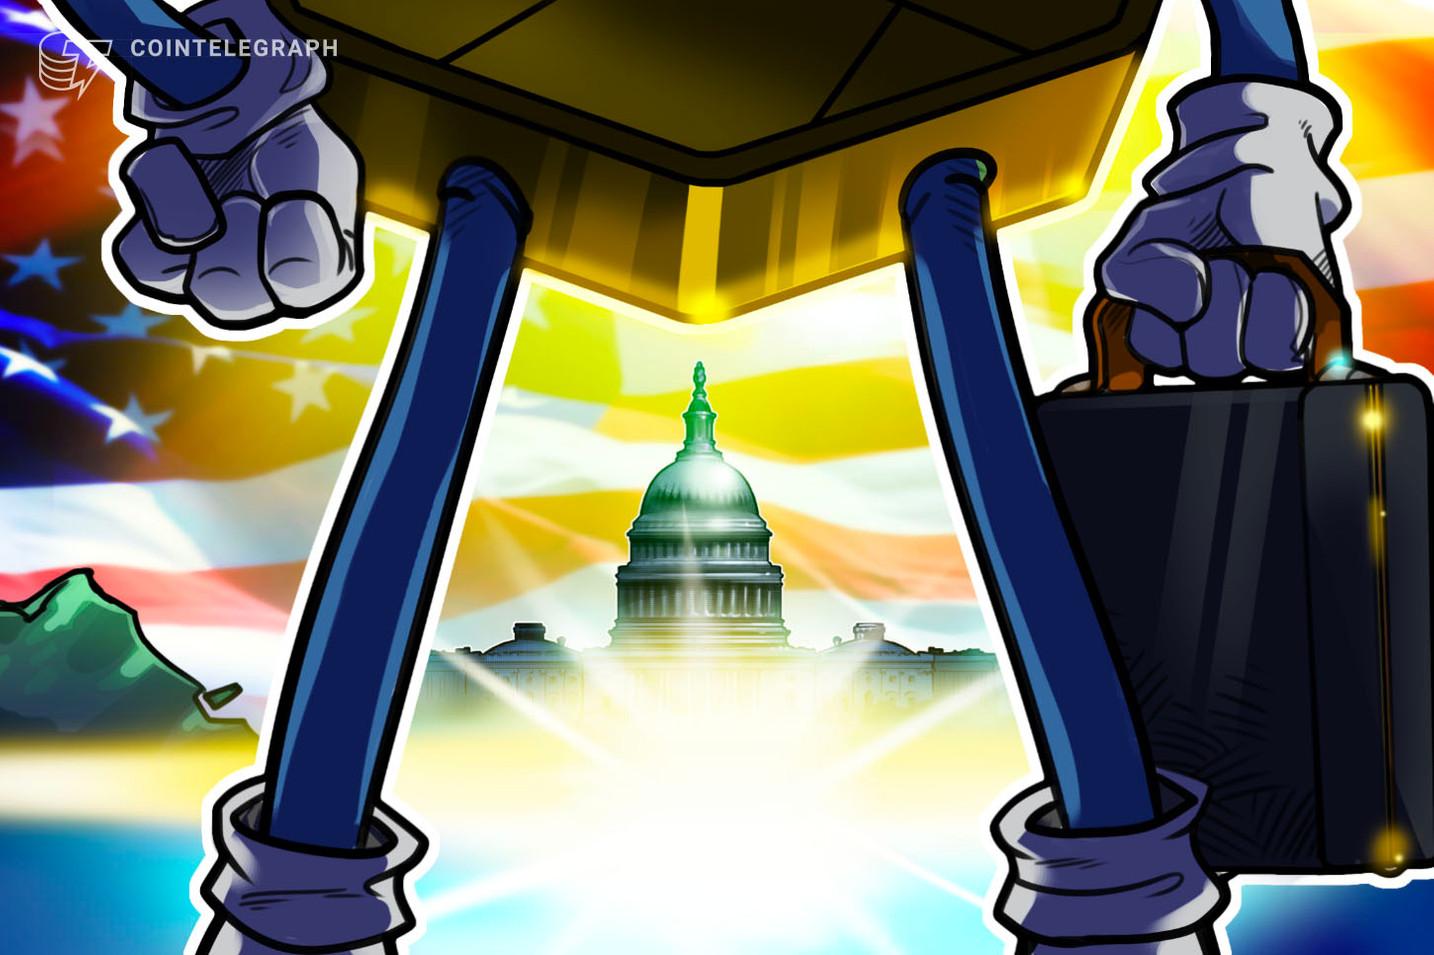 Law Decoded: Nueva oportunidad o malas noticias para la confianza en la tecnología, del 29 de enero al 5 de febrero